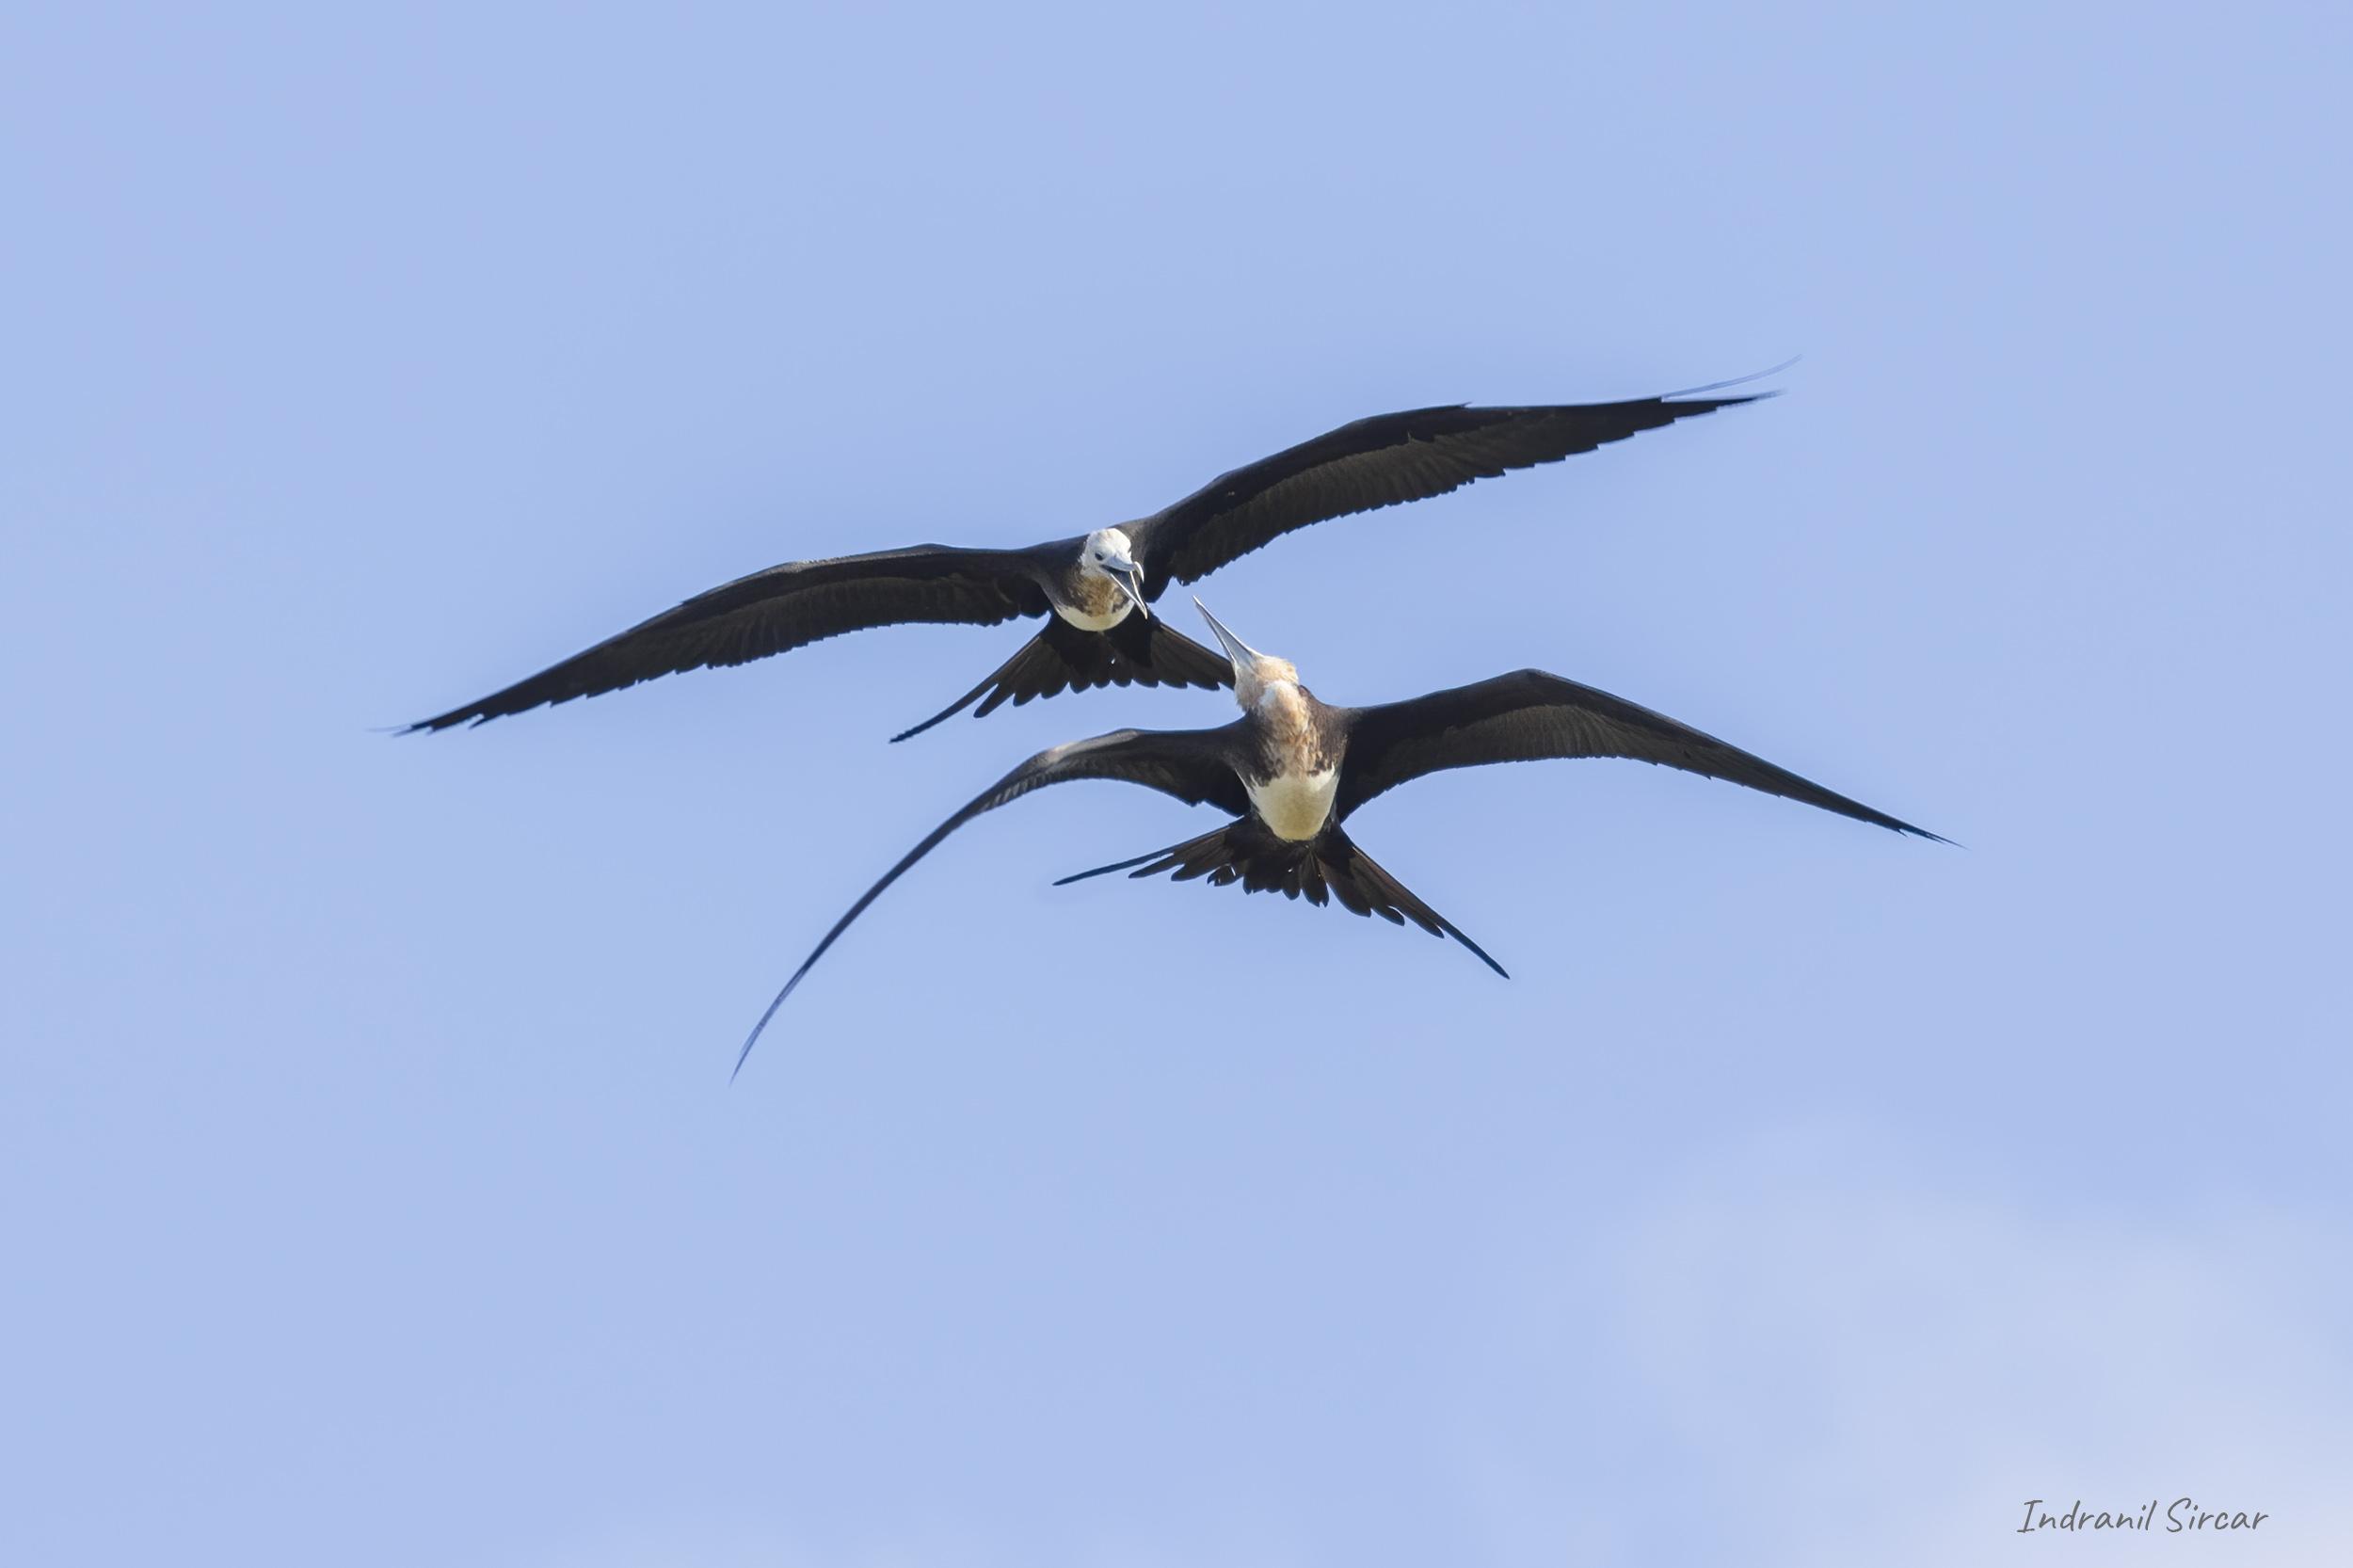 Dueling Frigatebirds